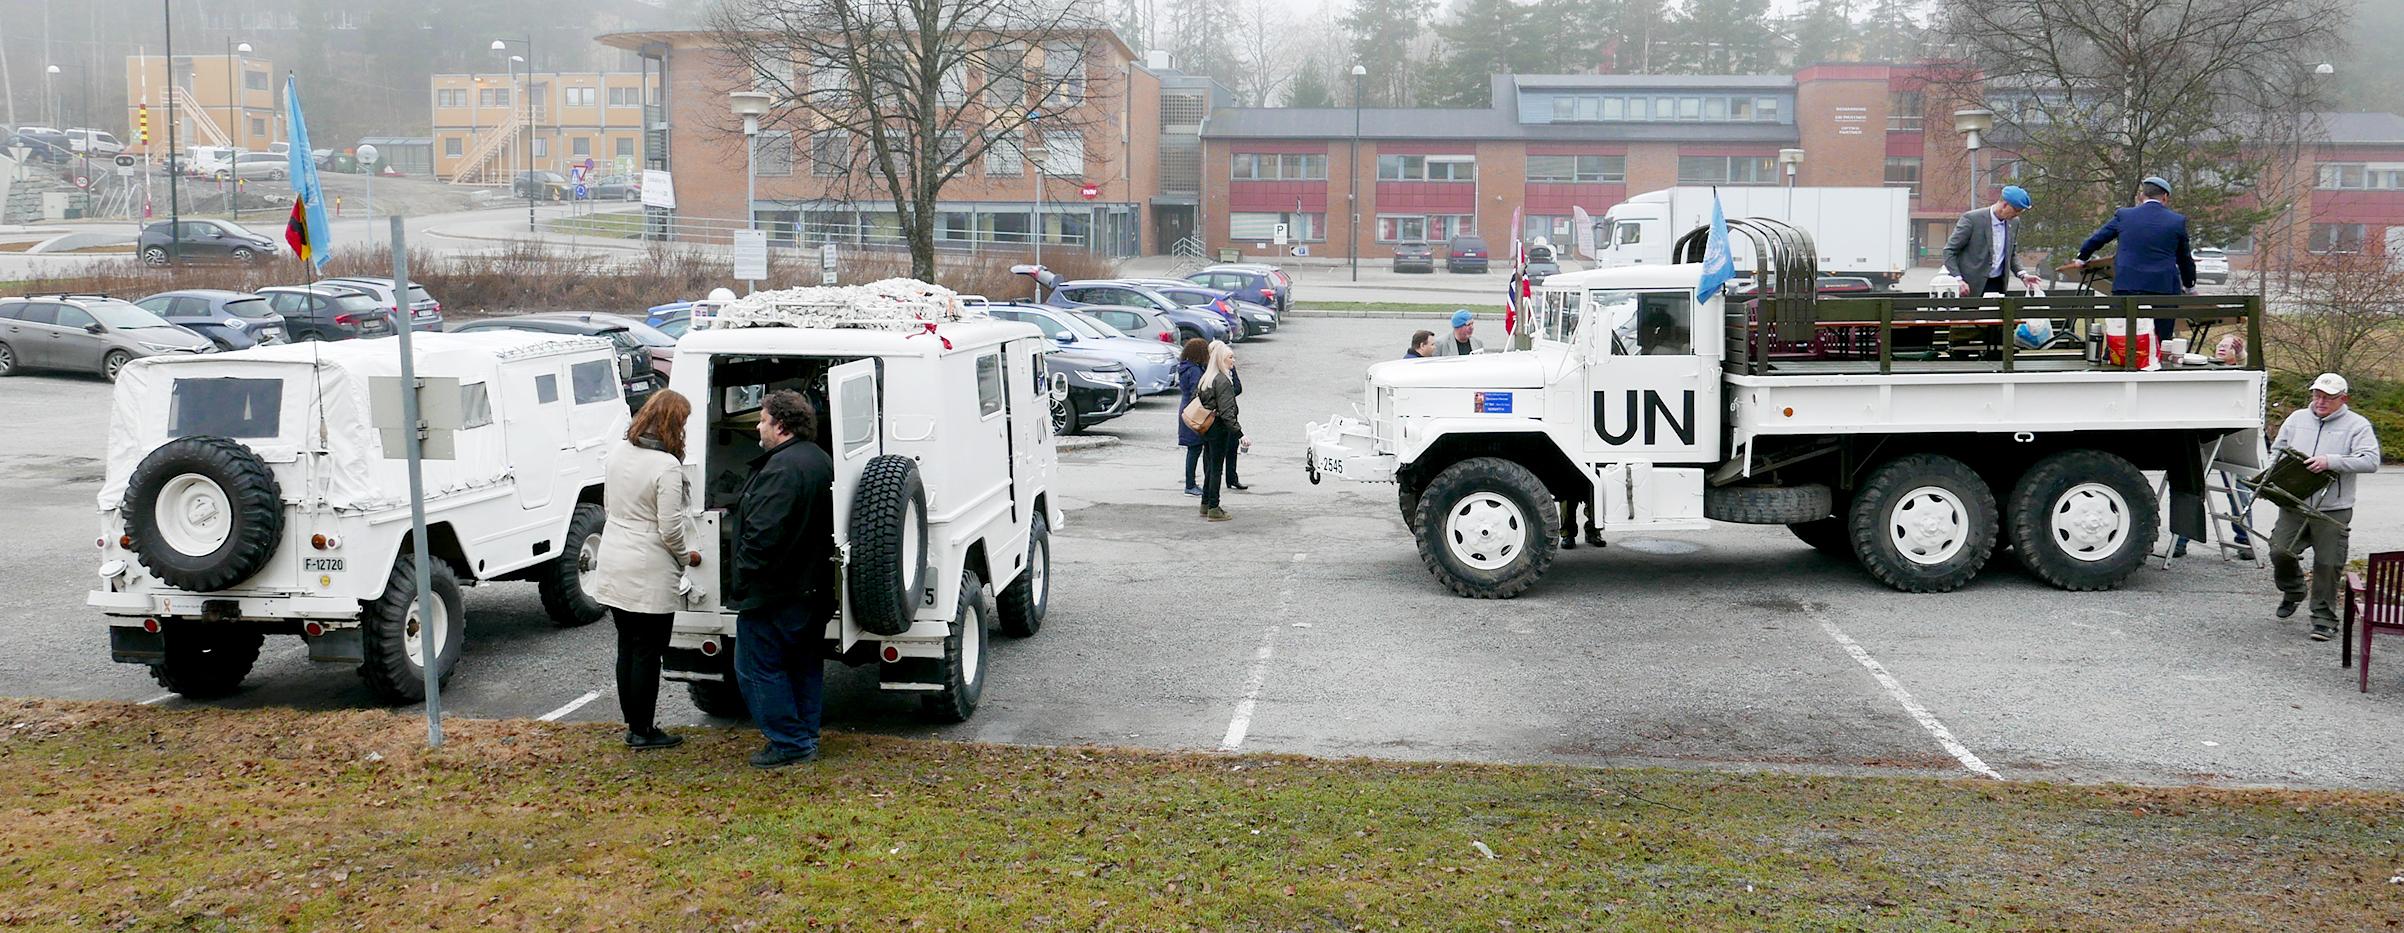 2 UNIFIL 40 år Frokost ved rådhuset 200418.jpg